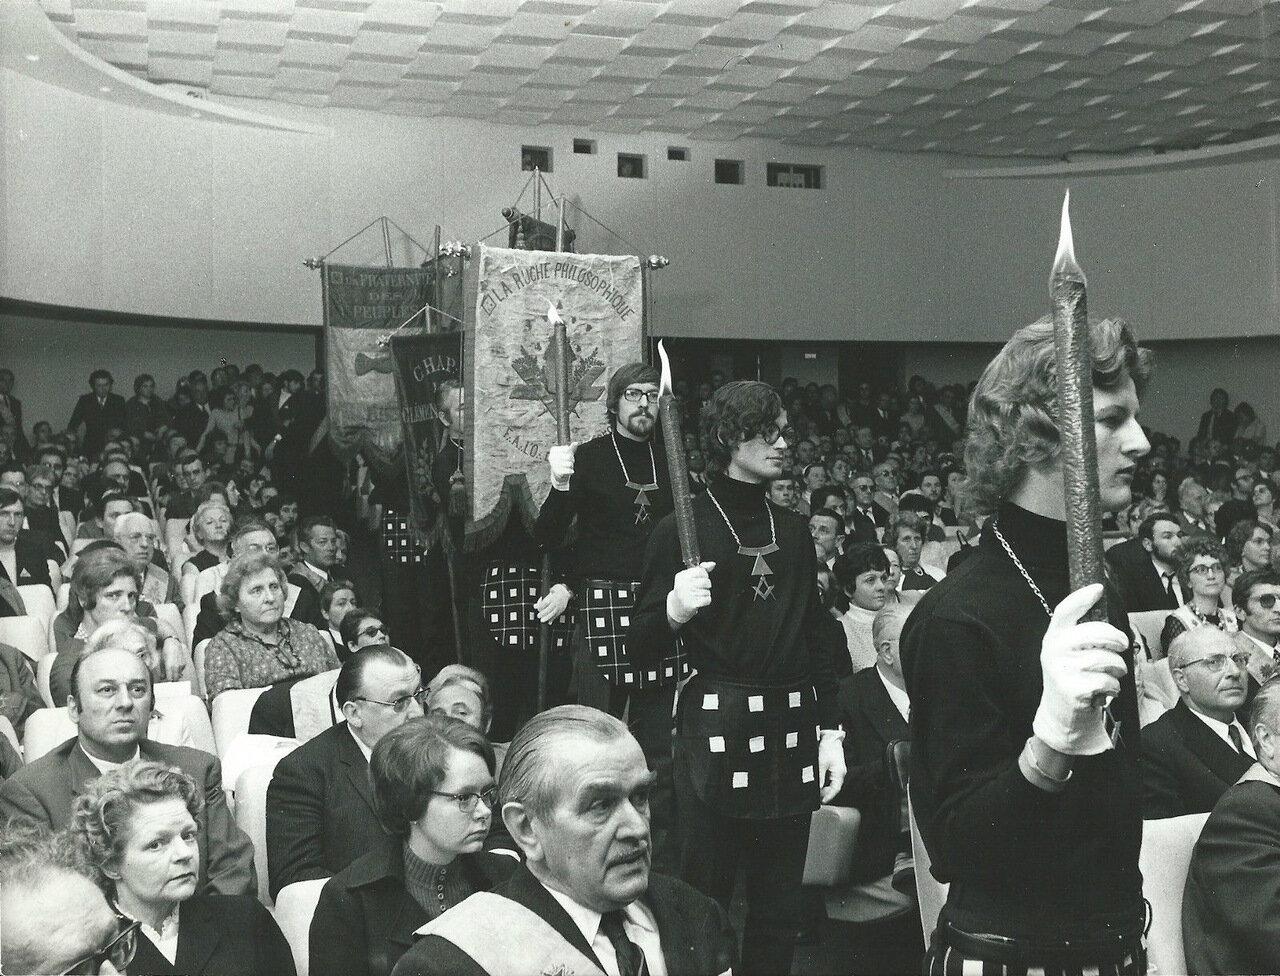 Ложа Великий Восток Франции. Церемония открытия, состоявшаяся в главном зале. 1969—1971